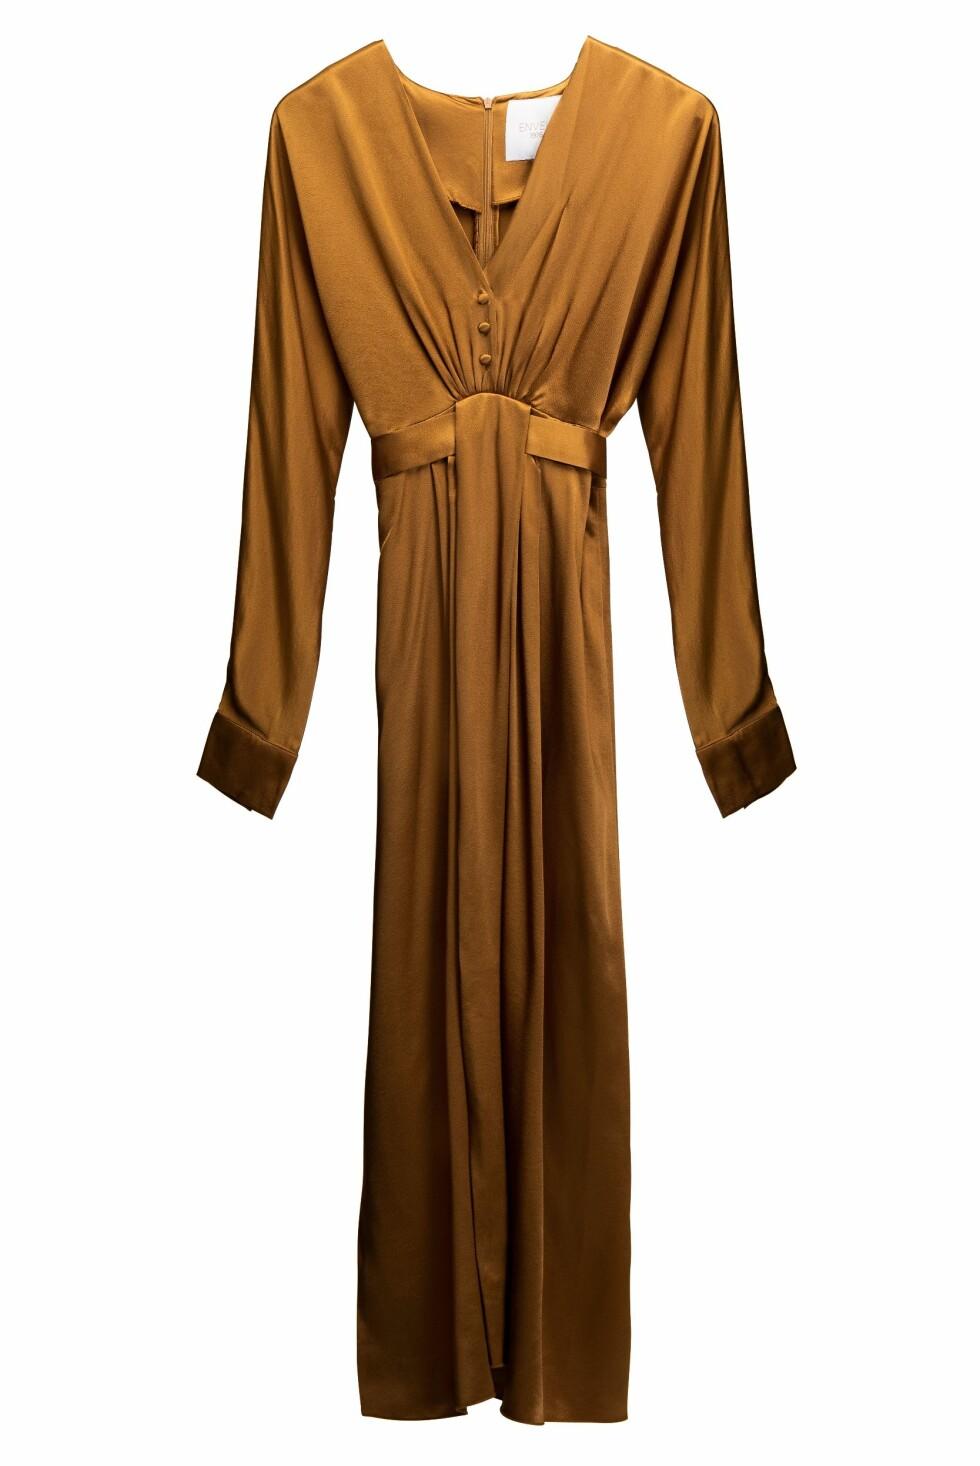 Kjole fra Envelope 1976 |3000,-| http://www.f5conceptstore.com/products/envelope-1976-paris-dress